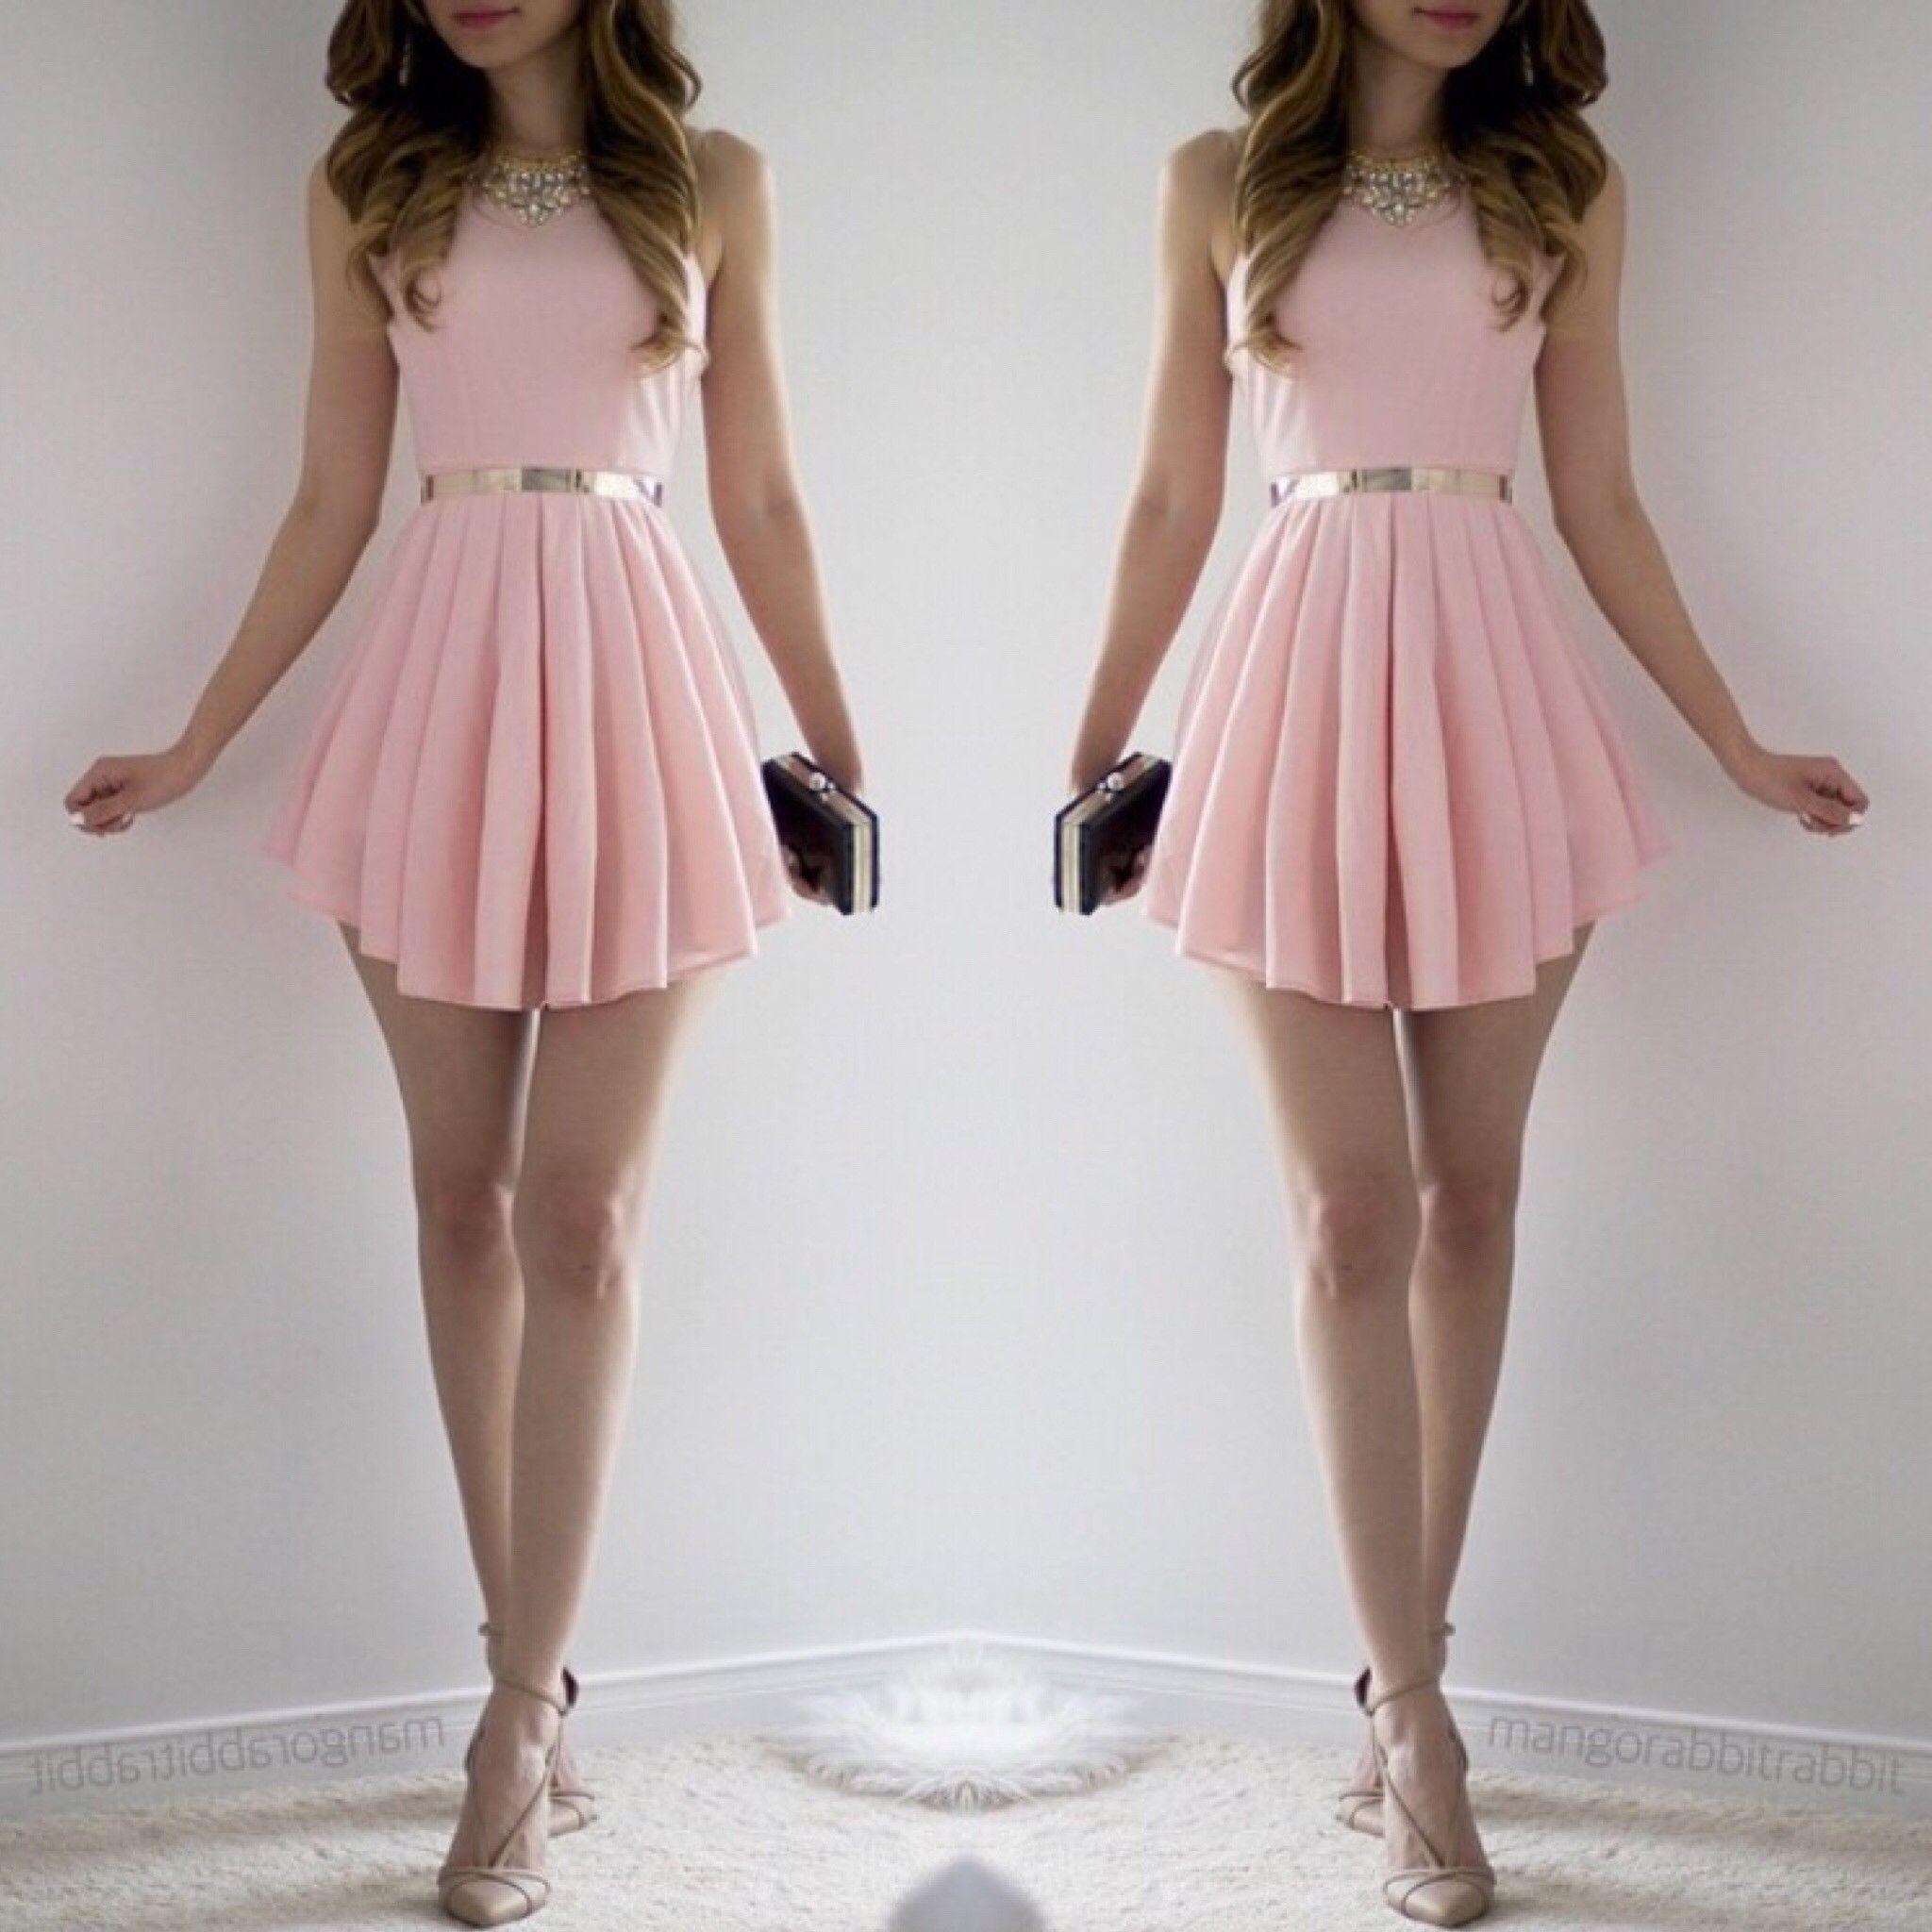 Abend Einfach Hübsche Kleider Ärmel Genial Hübsche Kleider Vertrieb